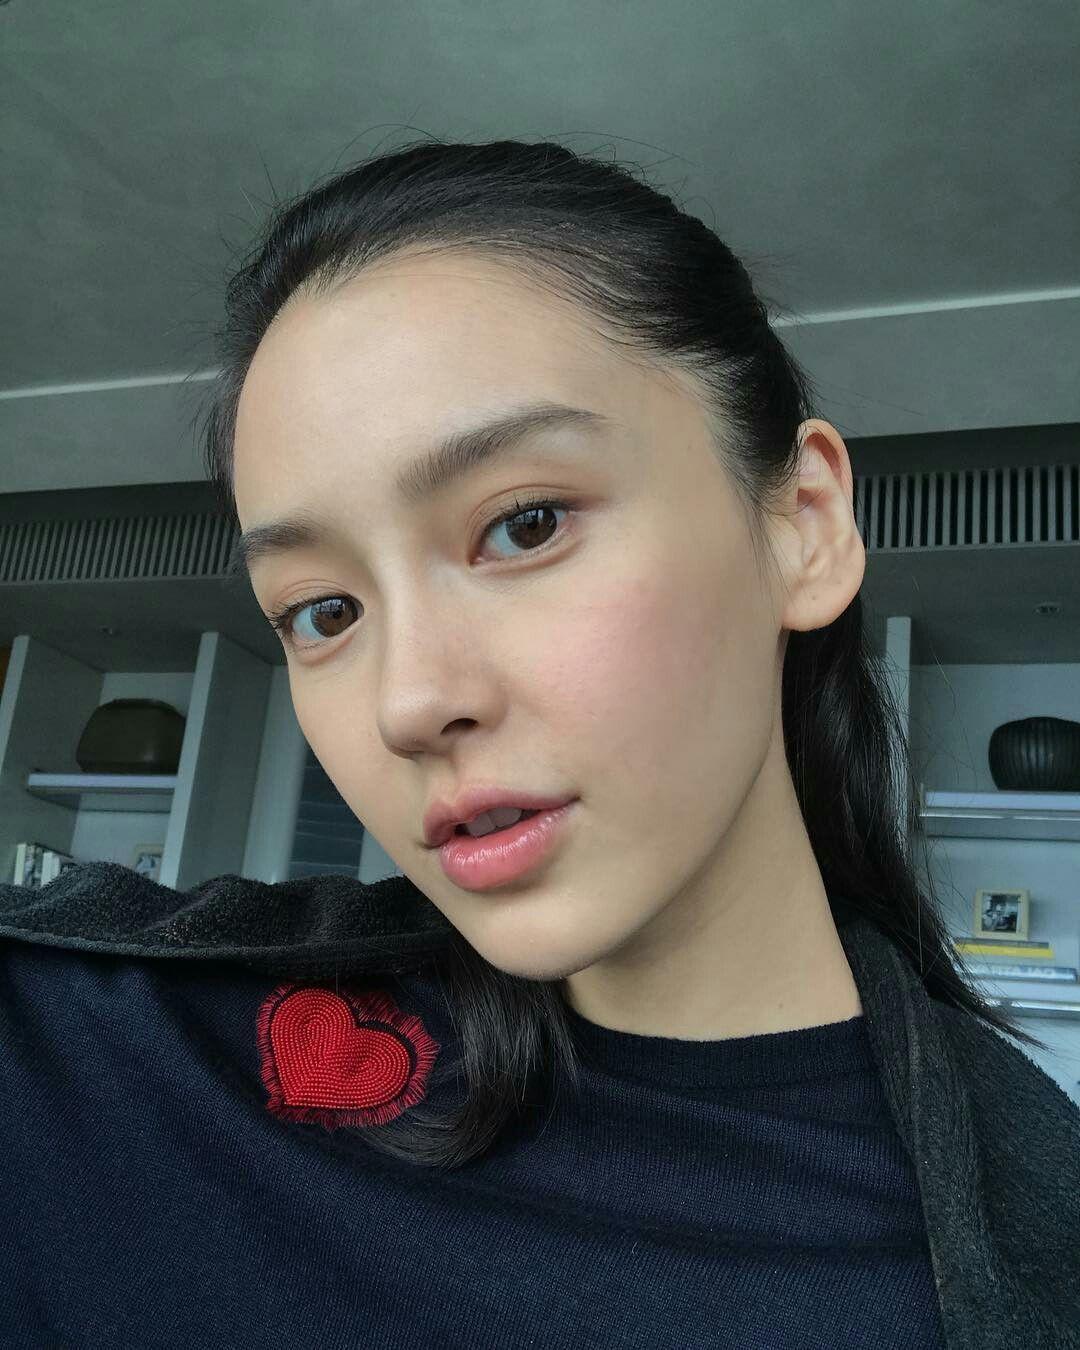 No Makeup Still Beautiful Angelababy Asian Beauty Girl Actress Without Makeup